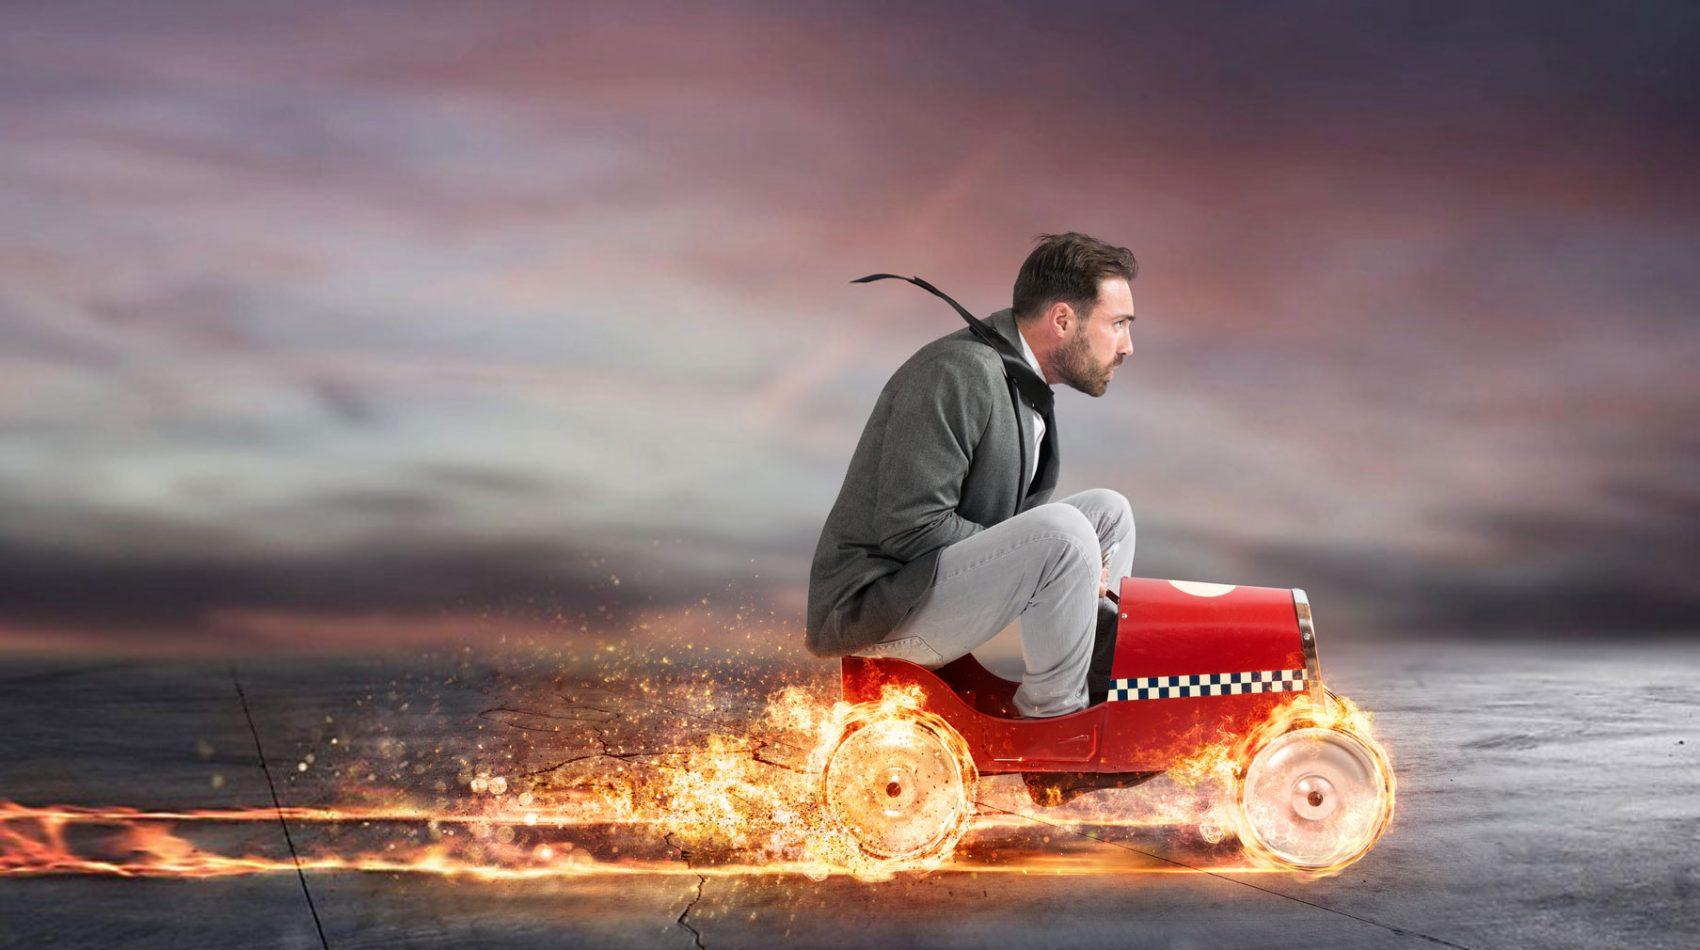 man on speedy go kart - full